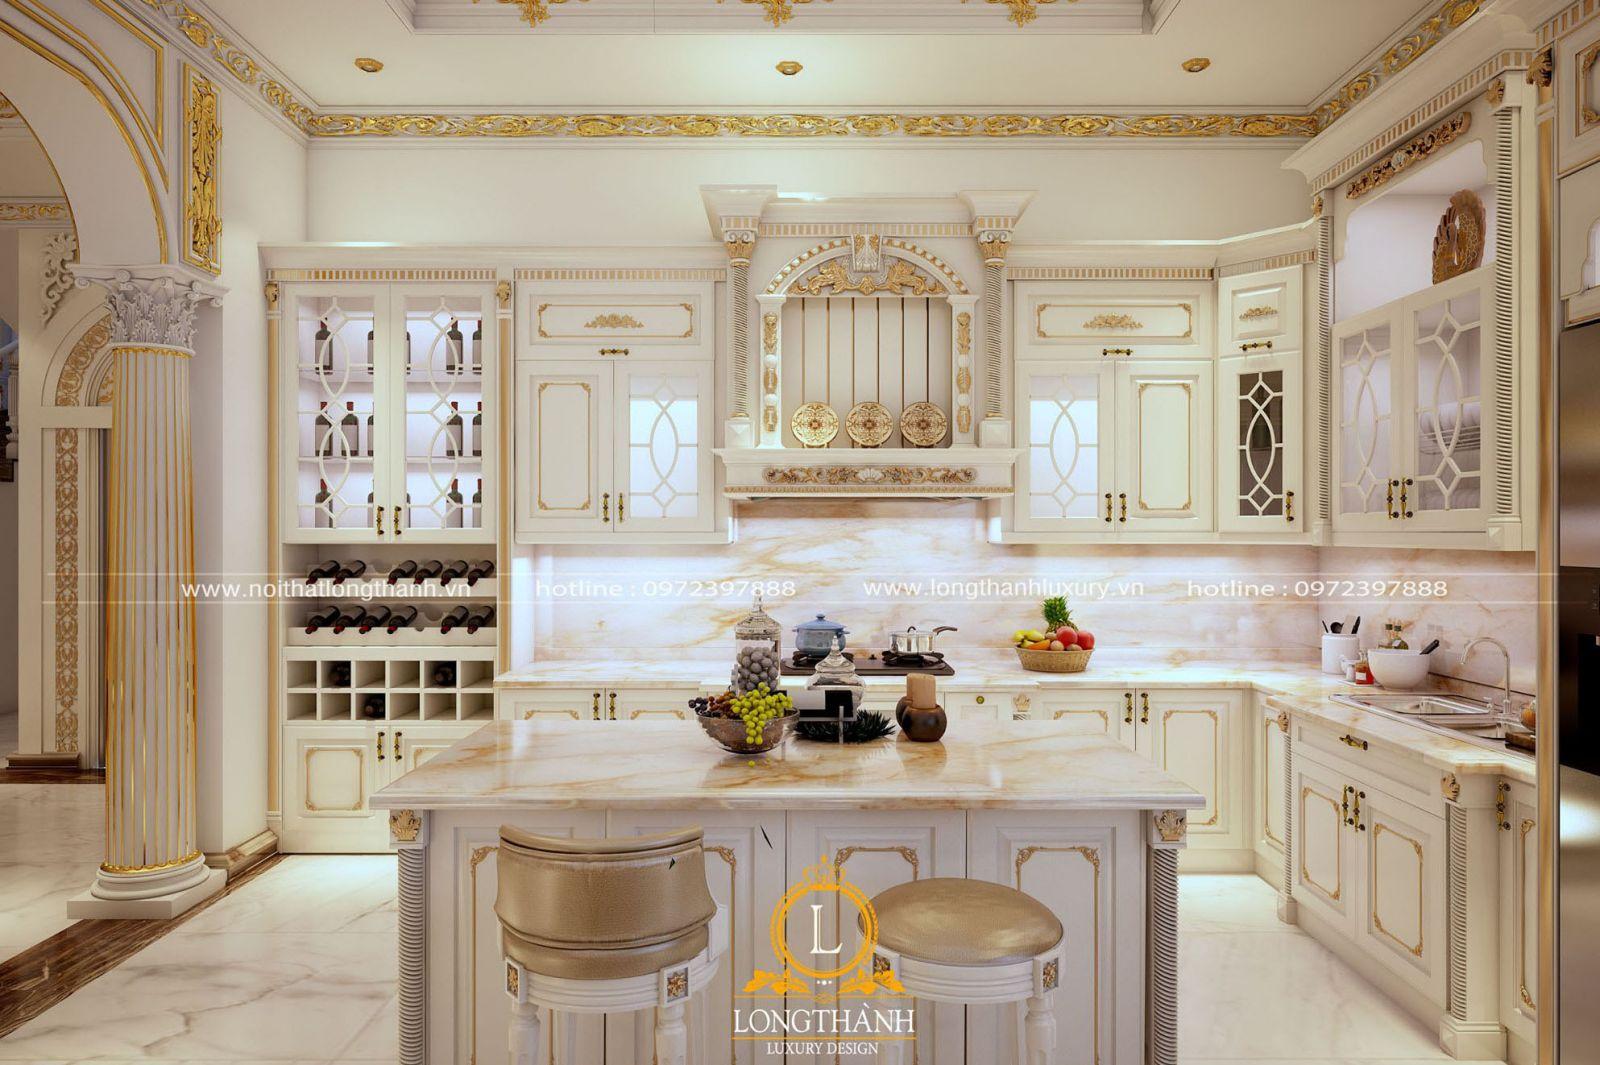 Thiết kế tủ bếp tân cổ điển sơn trắng dát vàng tinh tế